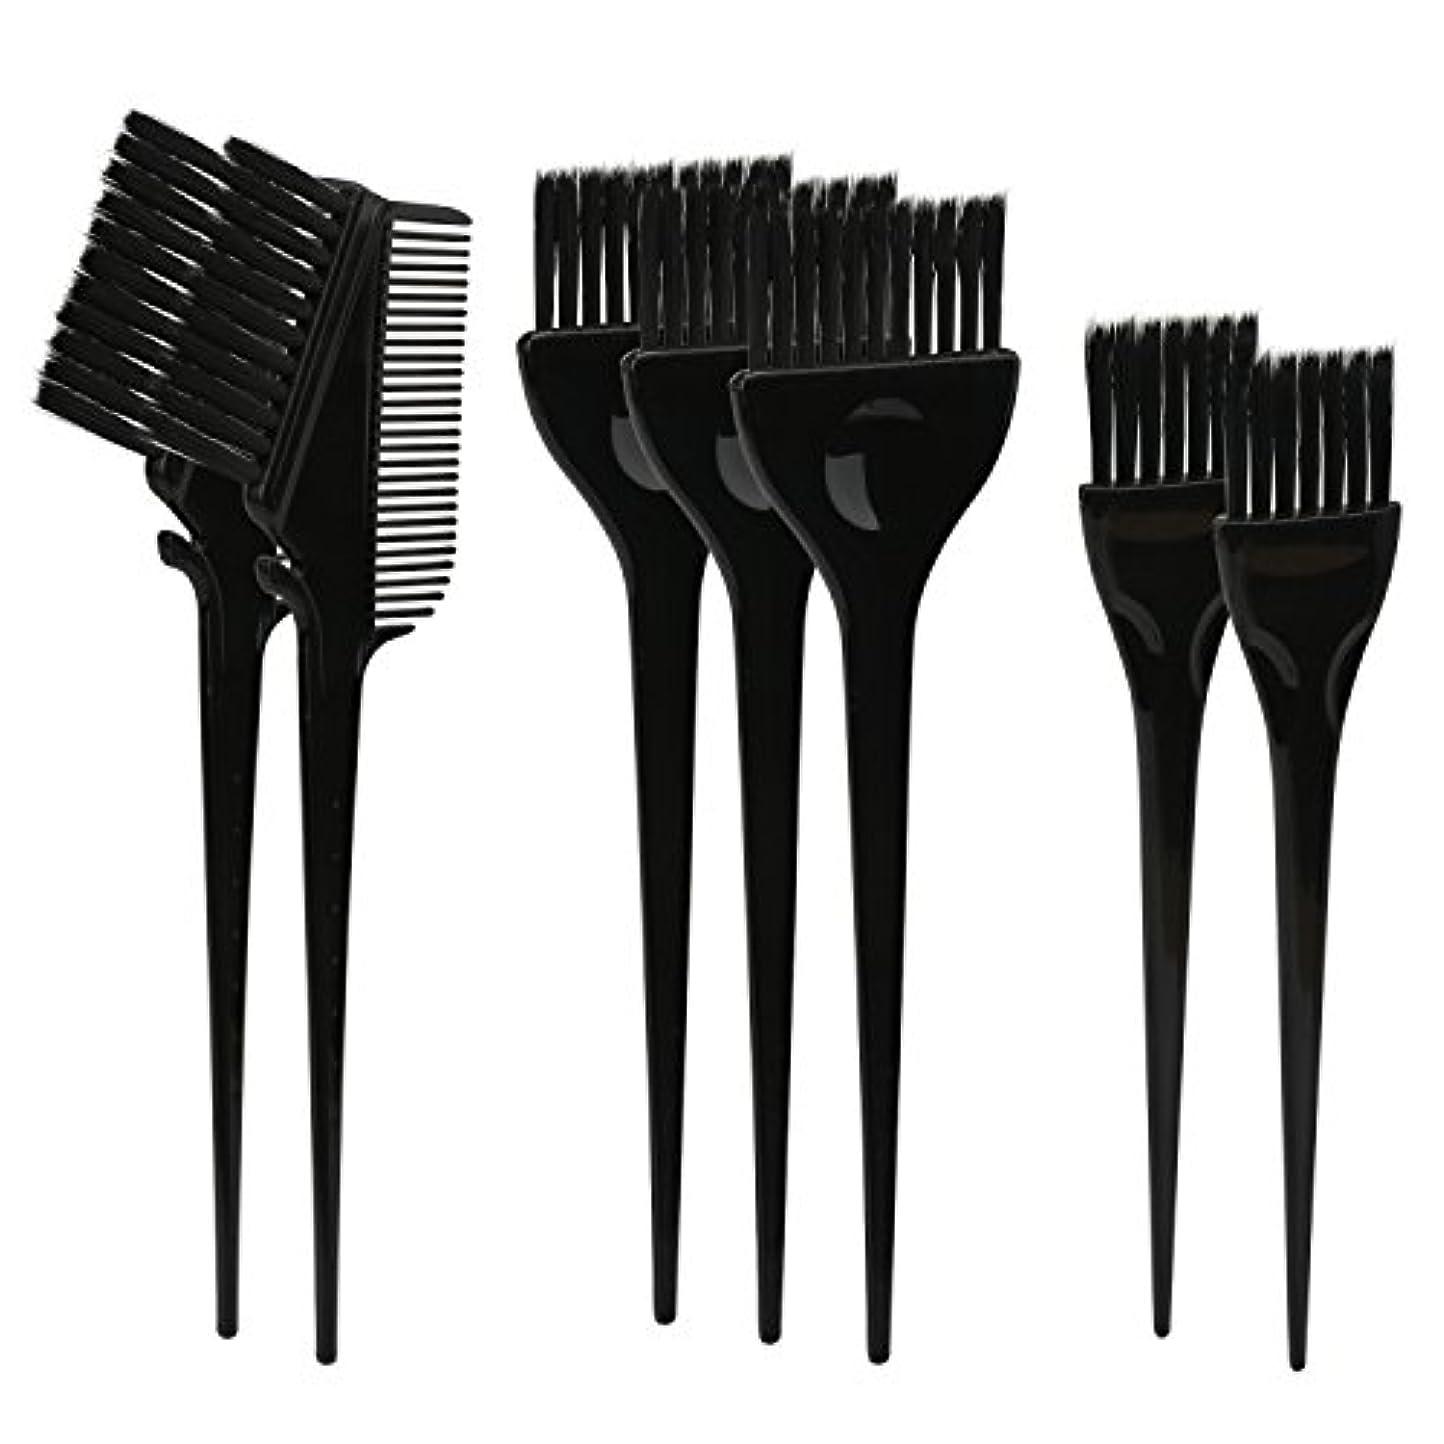 型飢饉まつげSegbeauty ヘアカラー DIY プロ髪染め用のブラシ 7pcs 美髪師用 サロン工具セット